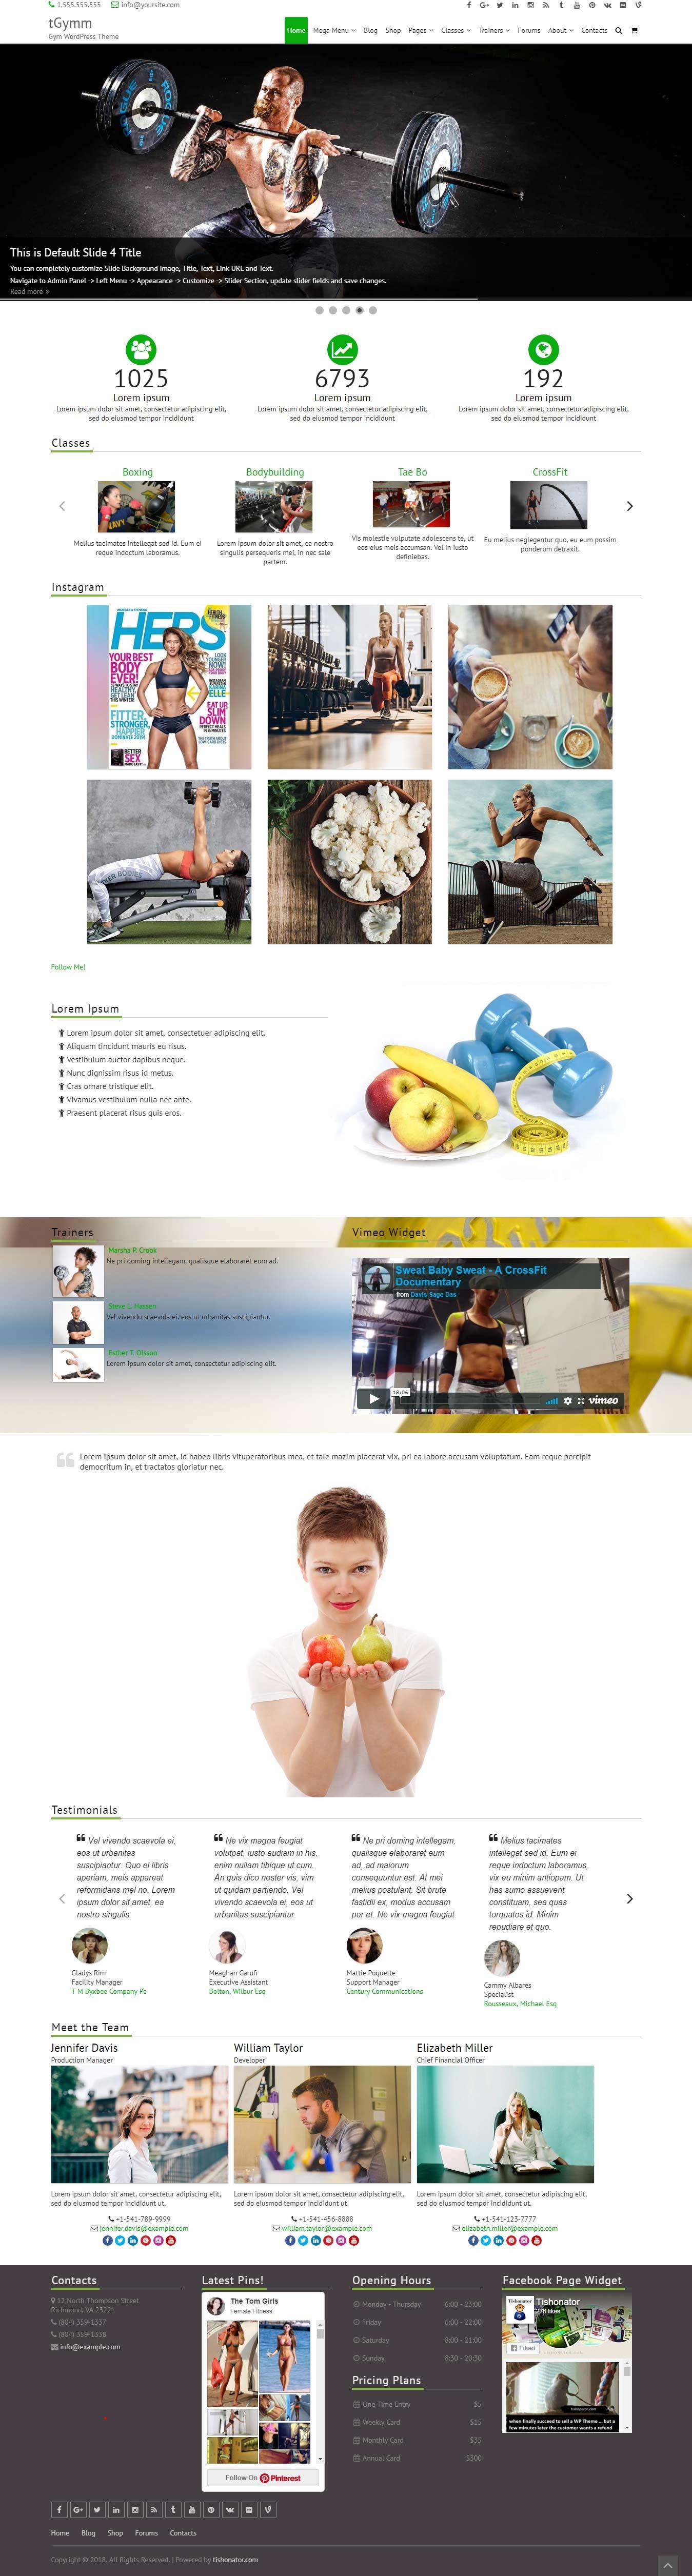 fGymm - El mejor tema gratuito de WordPress para deportes